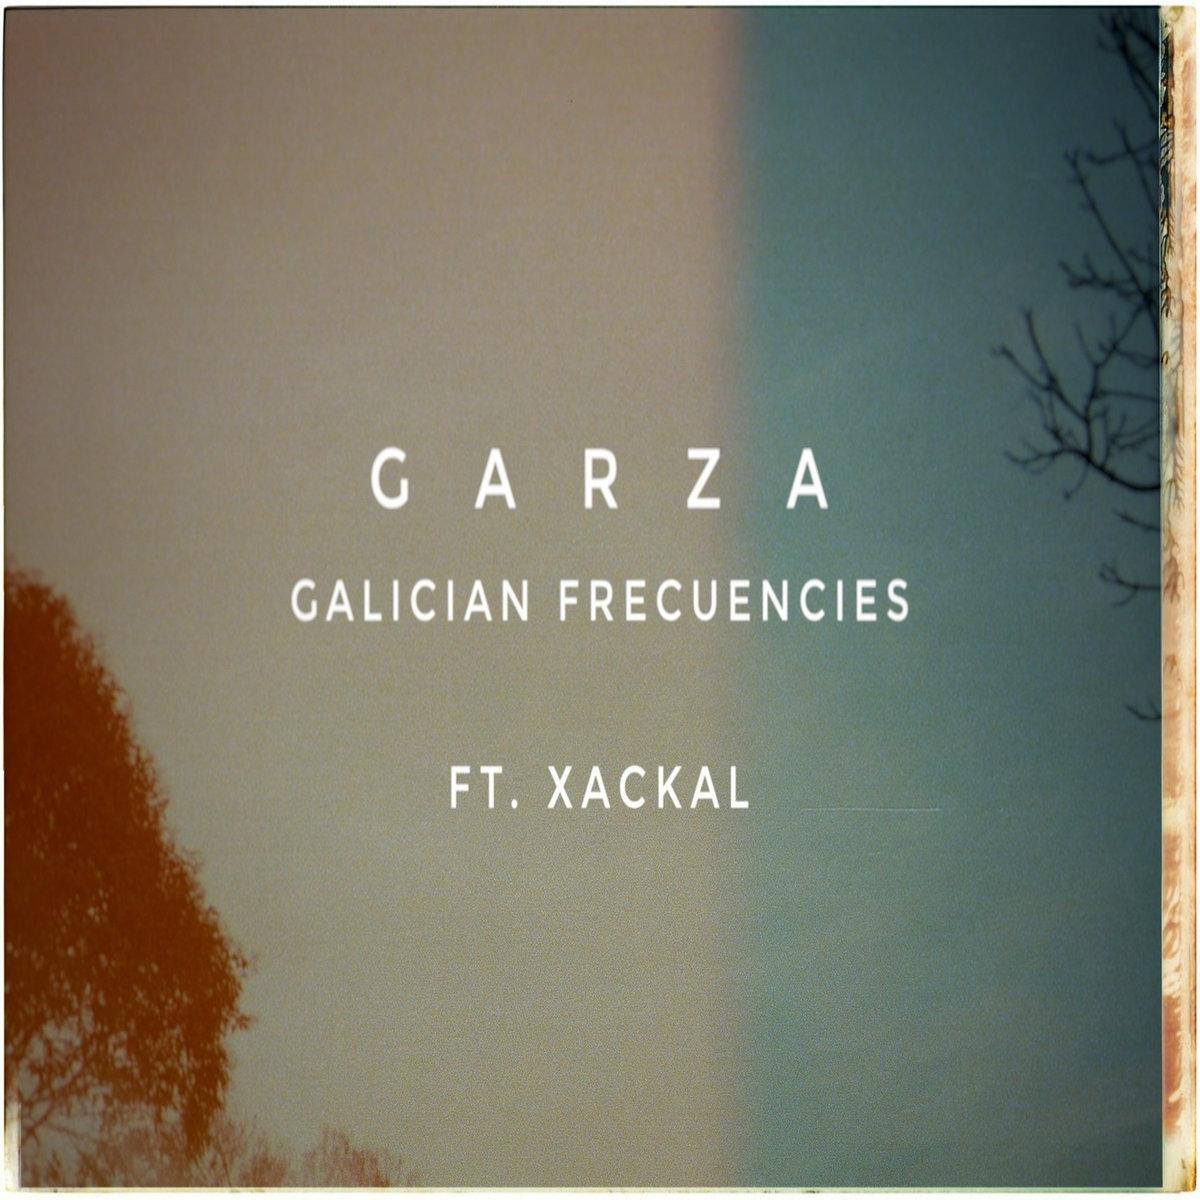 portada del album Galician Frecuencies Feat. Xackal